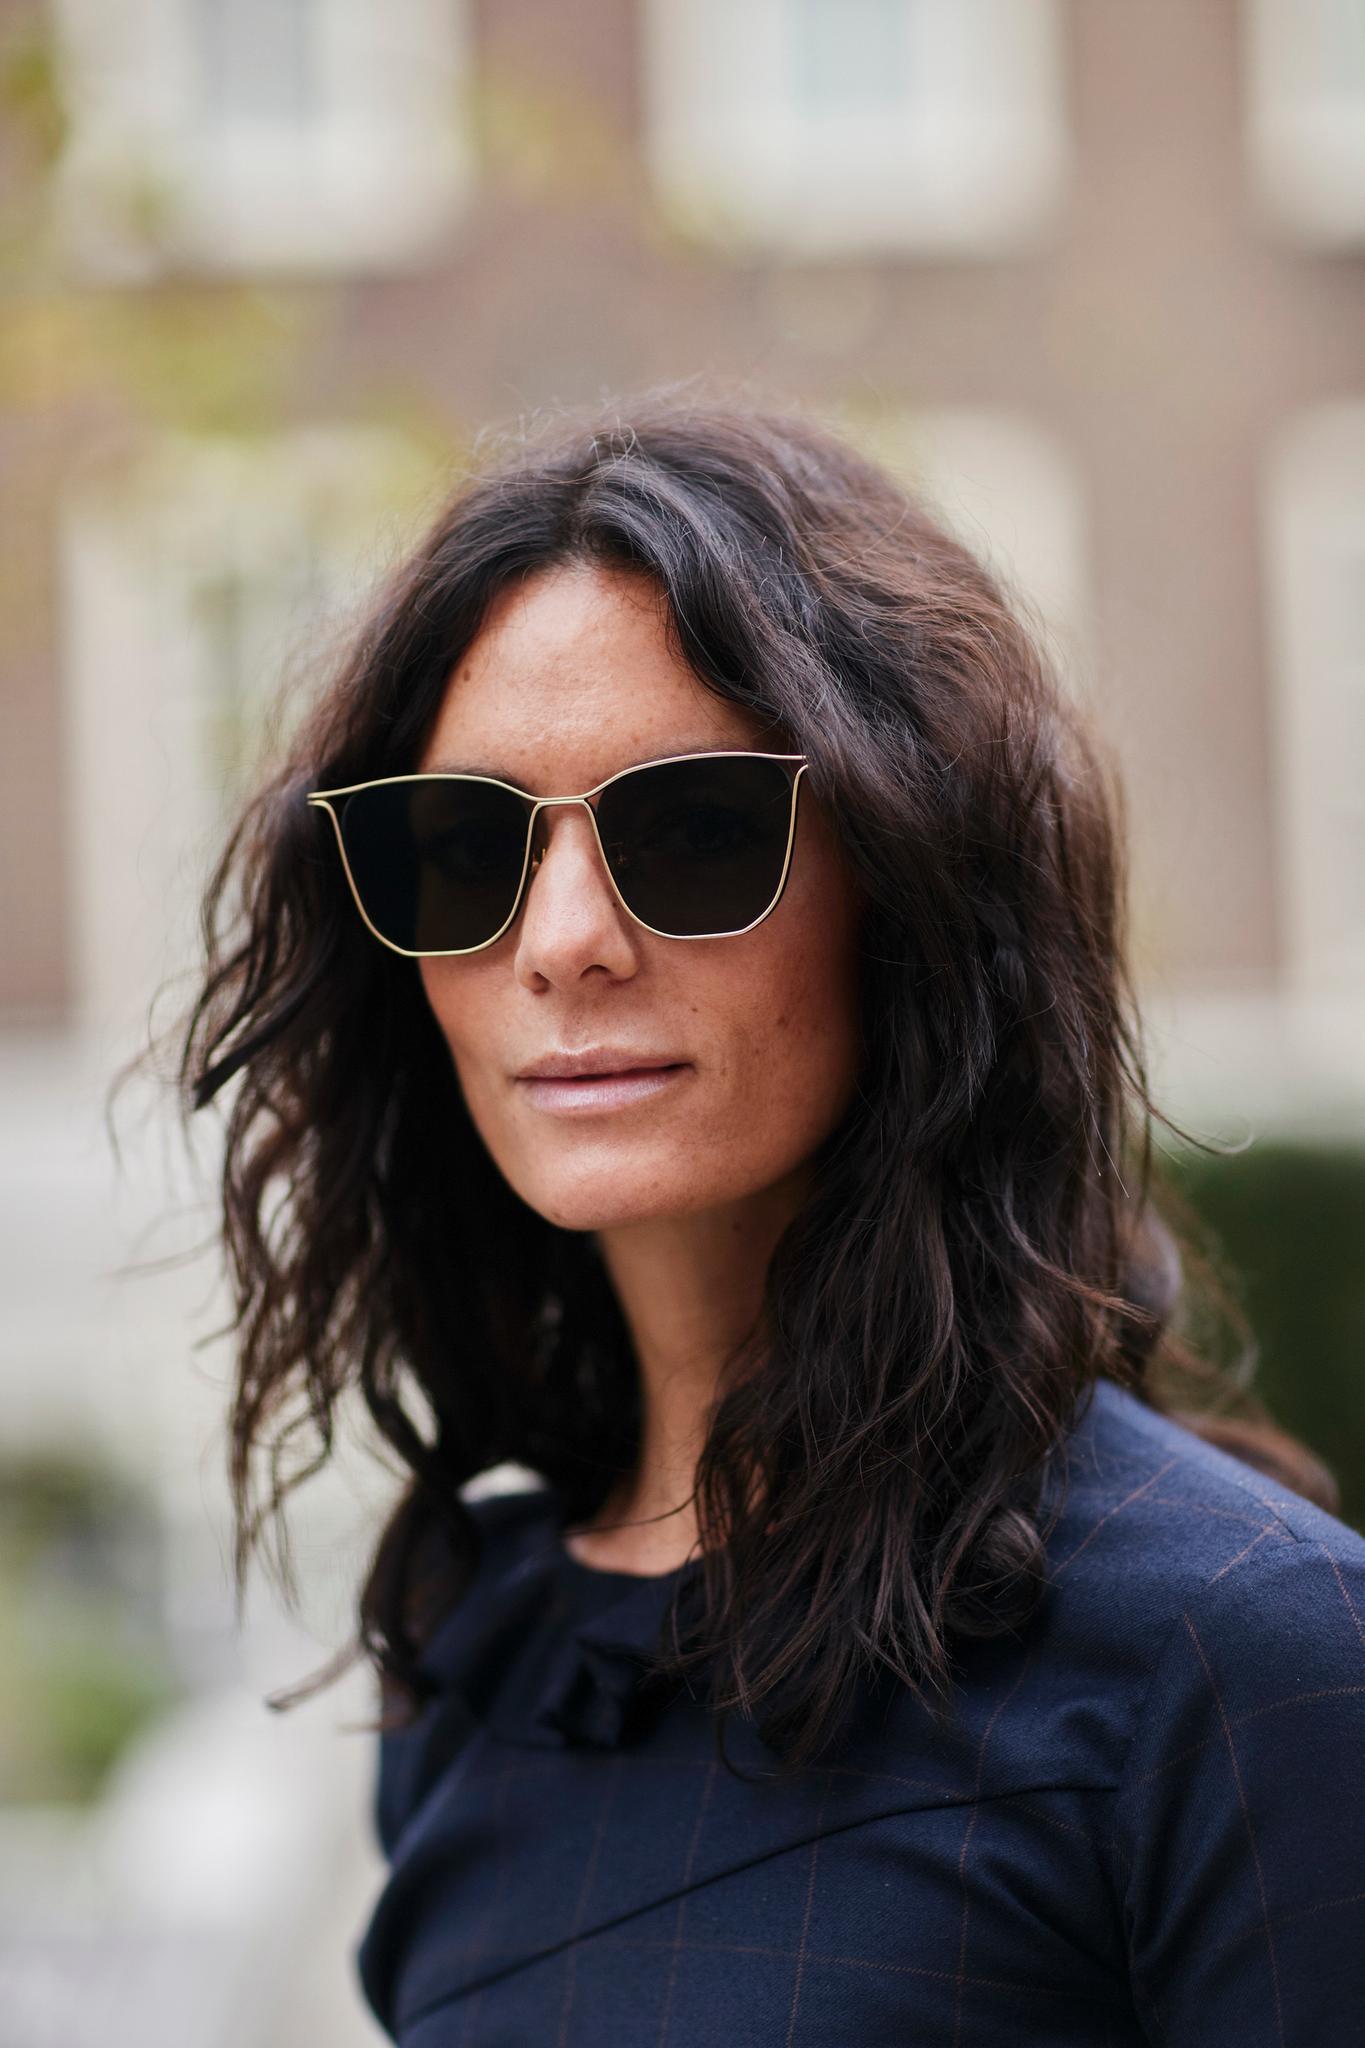 Frisuren für lange Haare - Wellen im Undone-Look